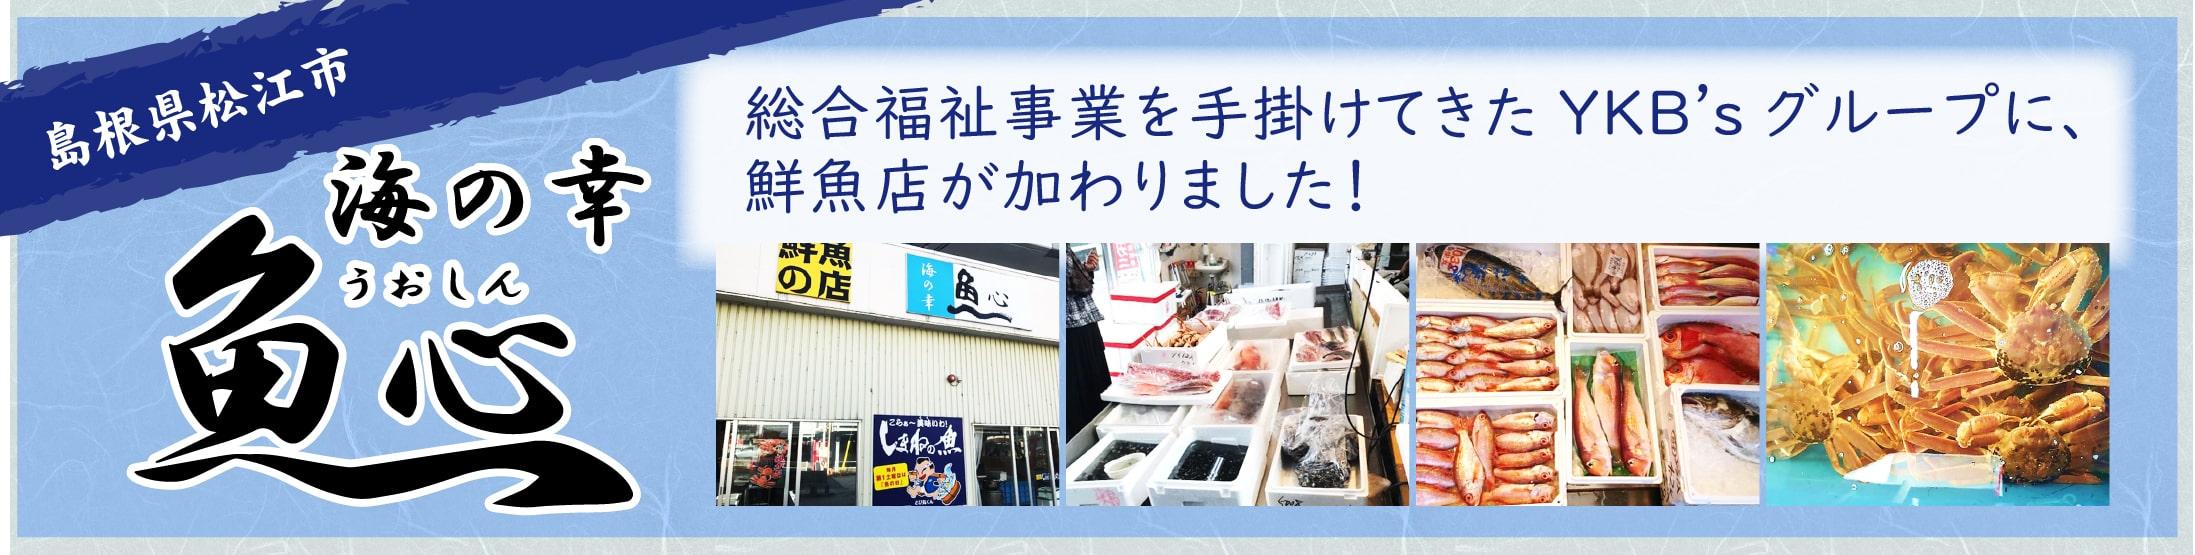 総合福祉事業を手がけてきたYKB'sグループに、鮮魚店が加わりました!「海の幸 魚心」